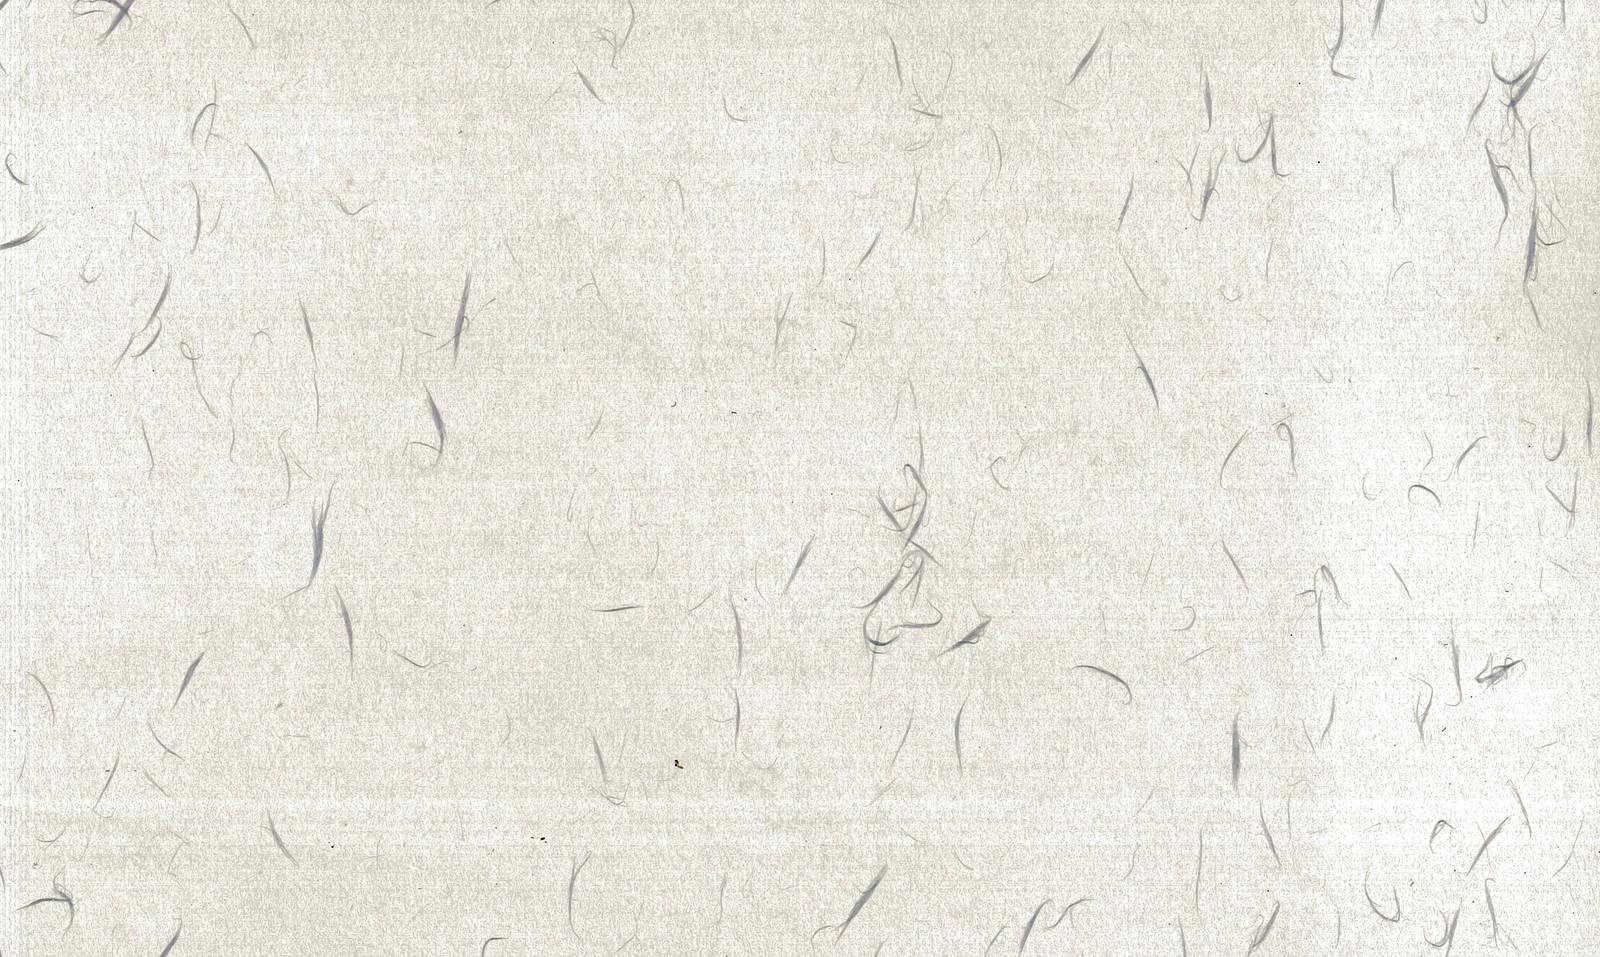 「繊維模様の和紙」の写真